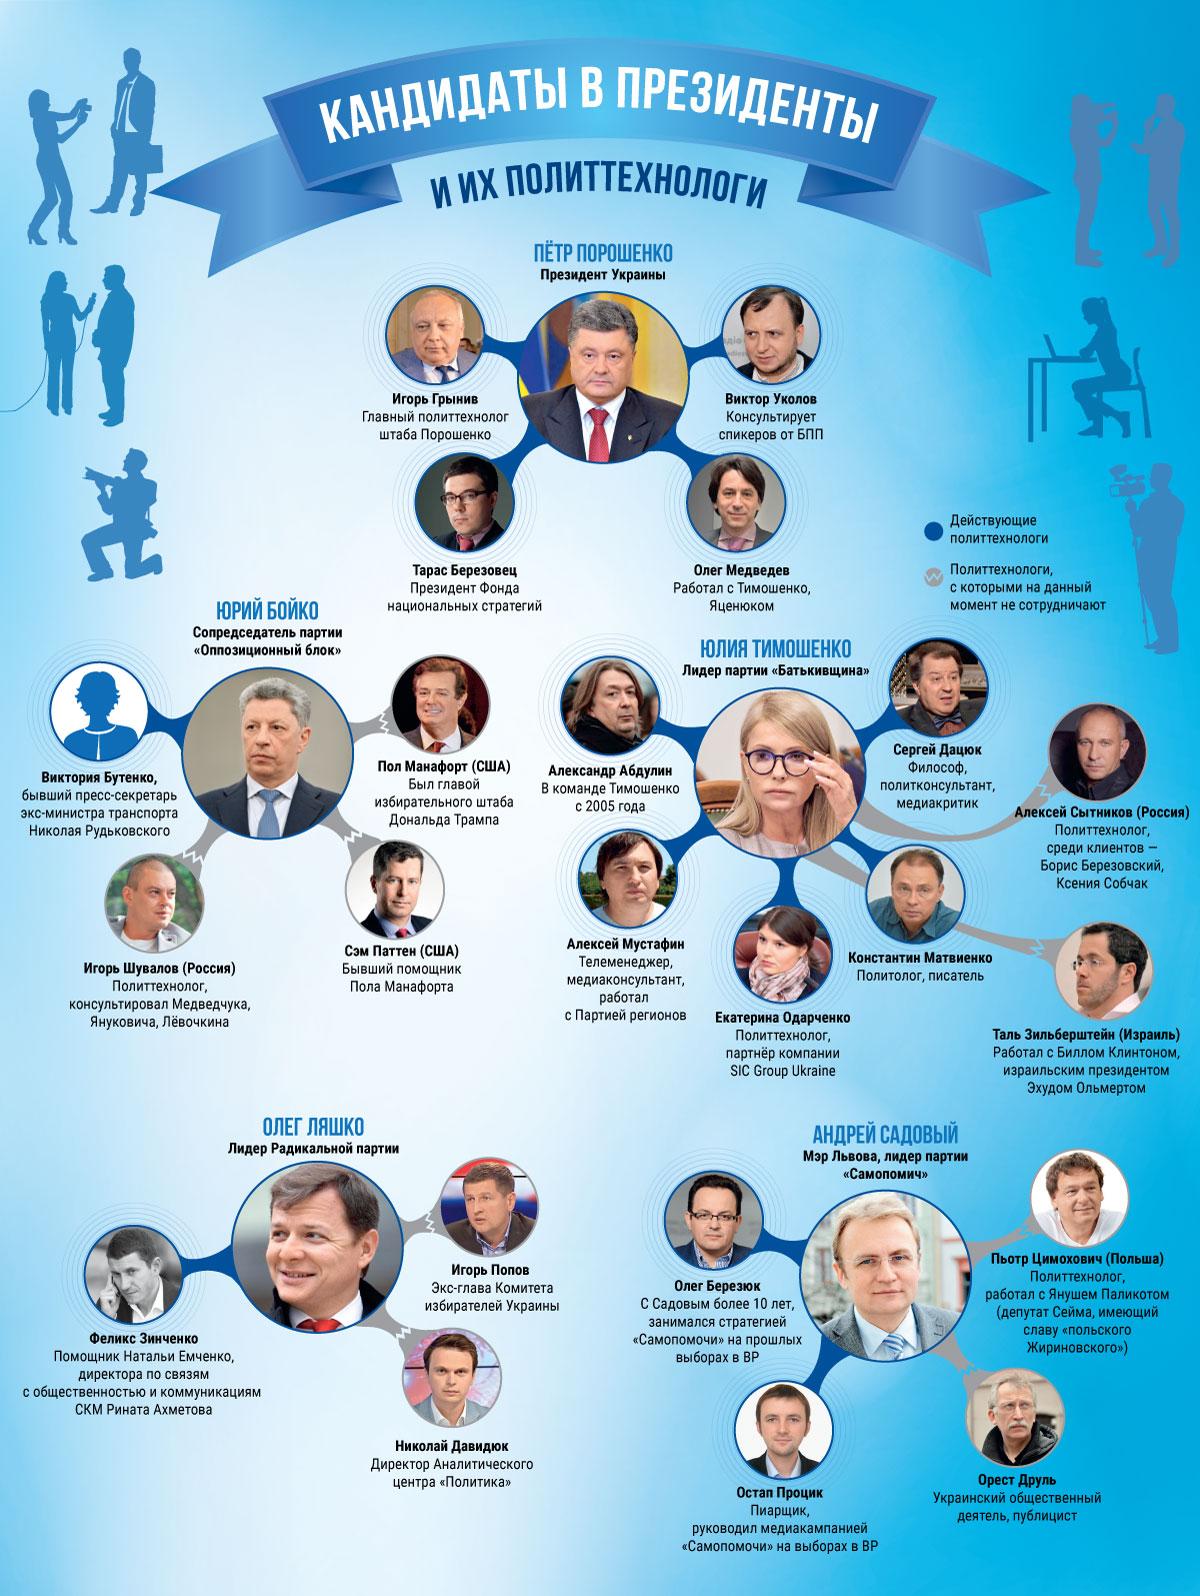 Кандидаты в президенты Украины и кто за ними стоит